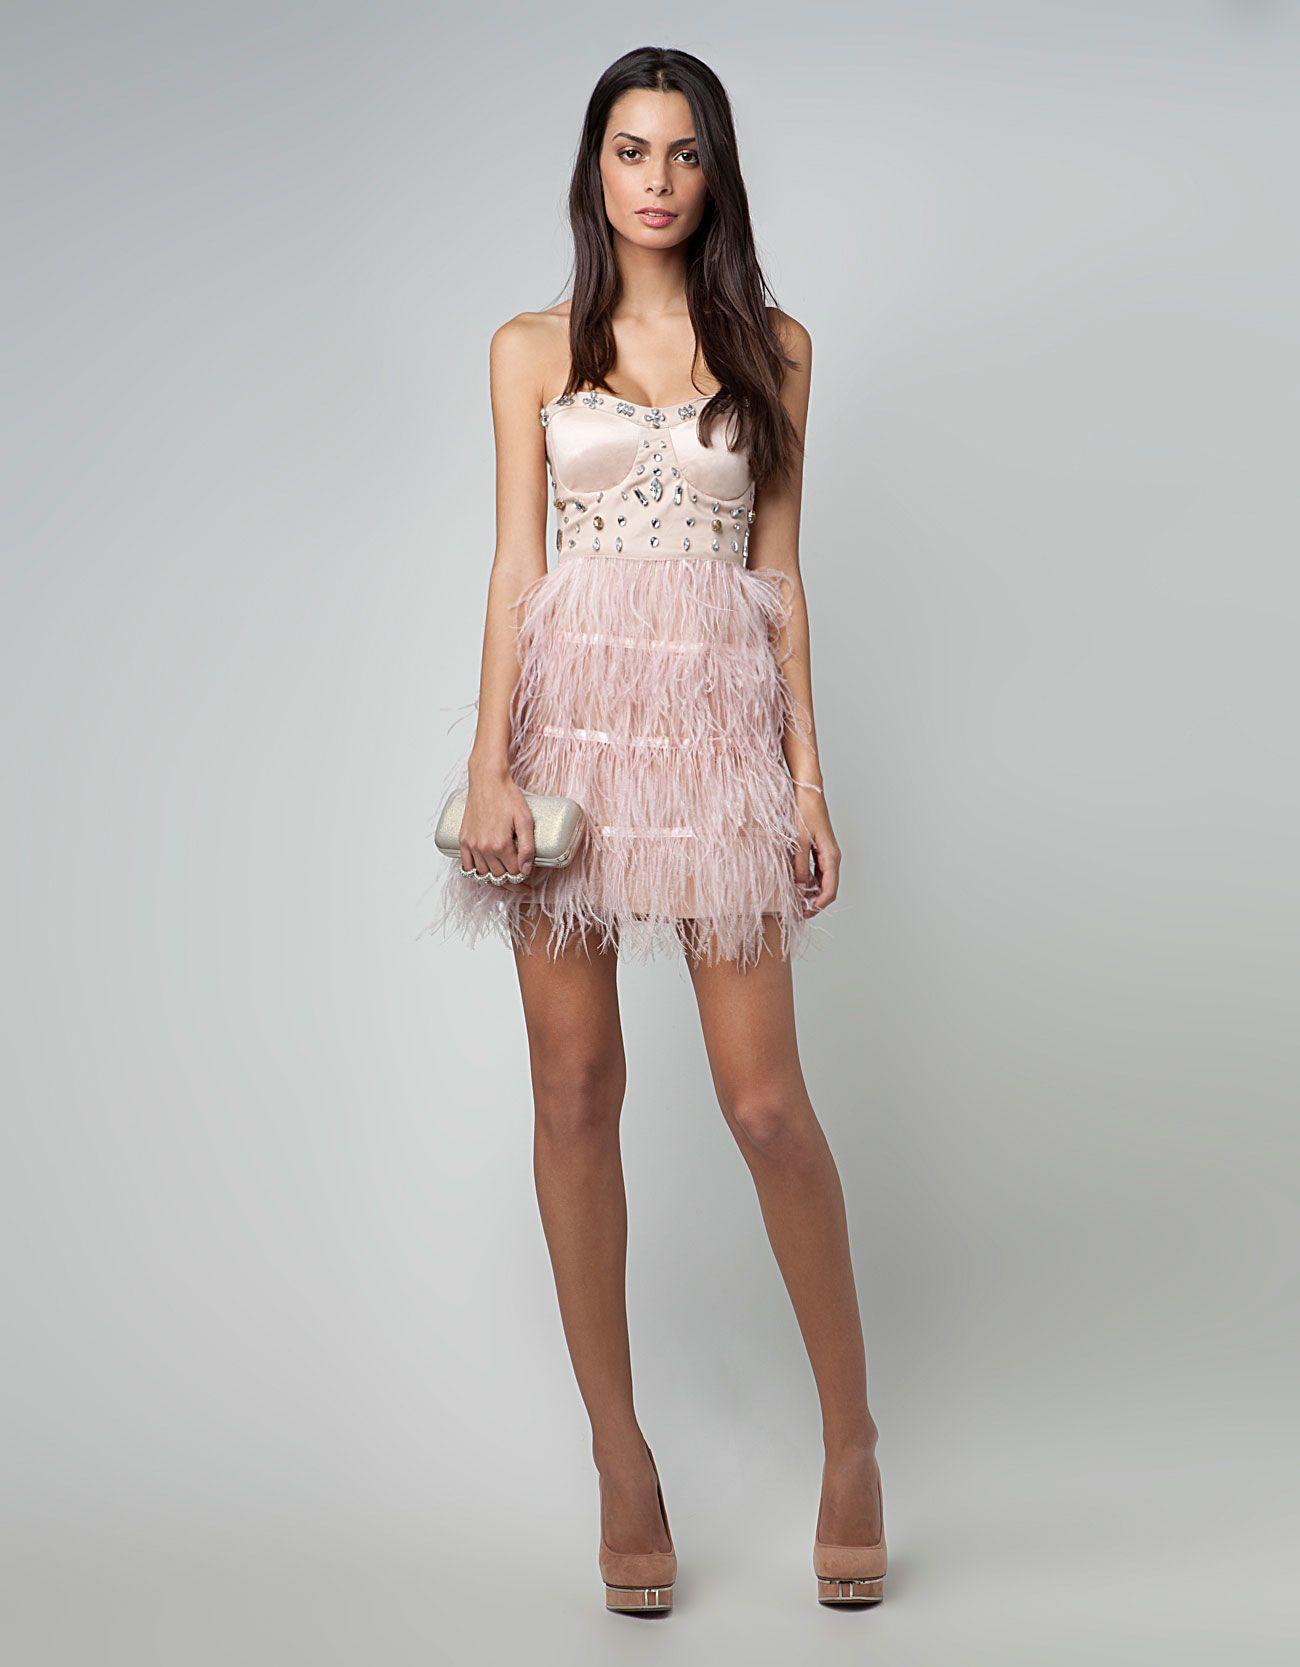 Collezione bershka primavera estate 2016 abbigliamento low cost anni - Bershka M Xico Vestido Bershka Plumas